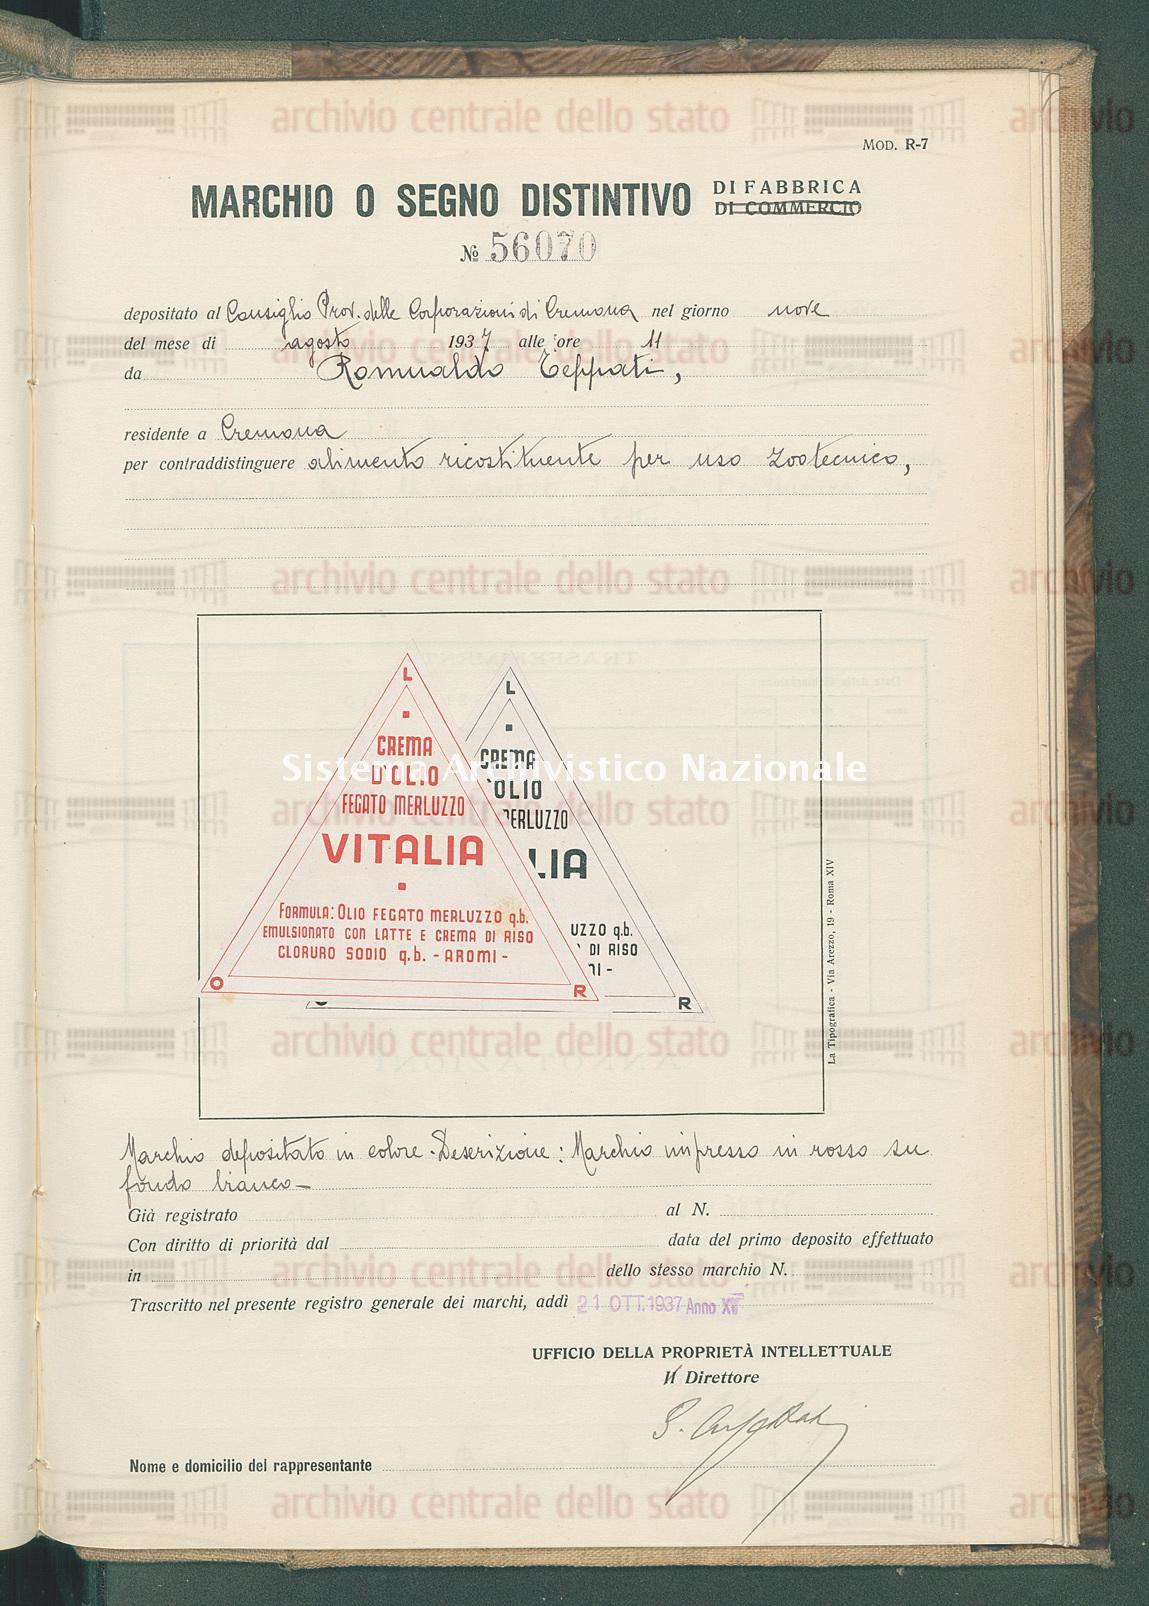 Alimento ricostituente per uso zootecnico Romualdo Teppati (21/10/1937)